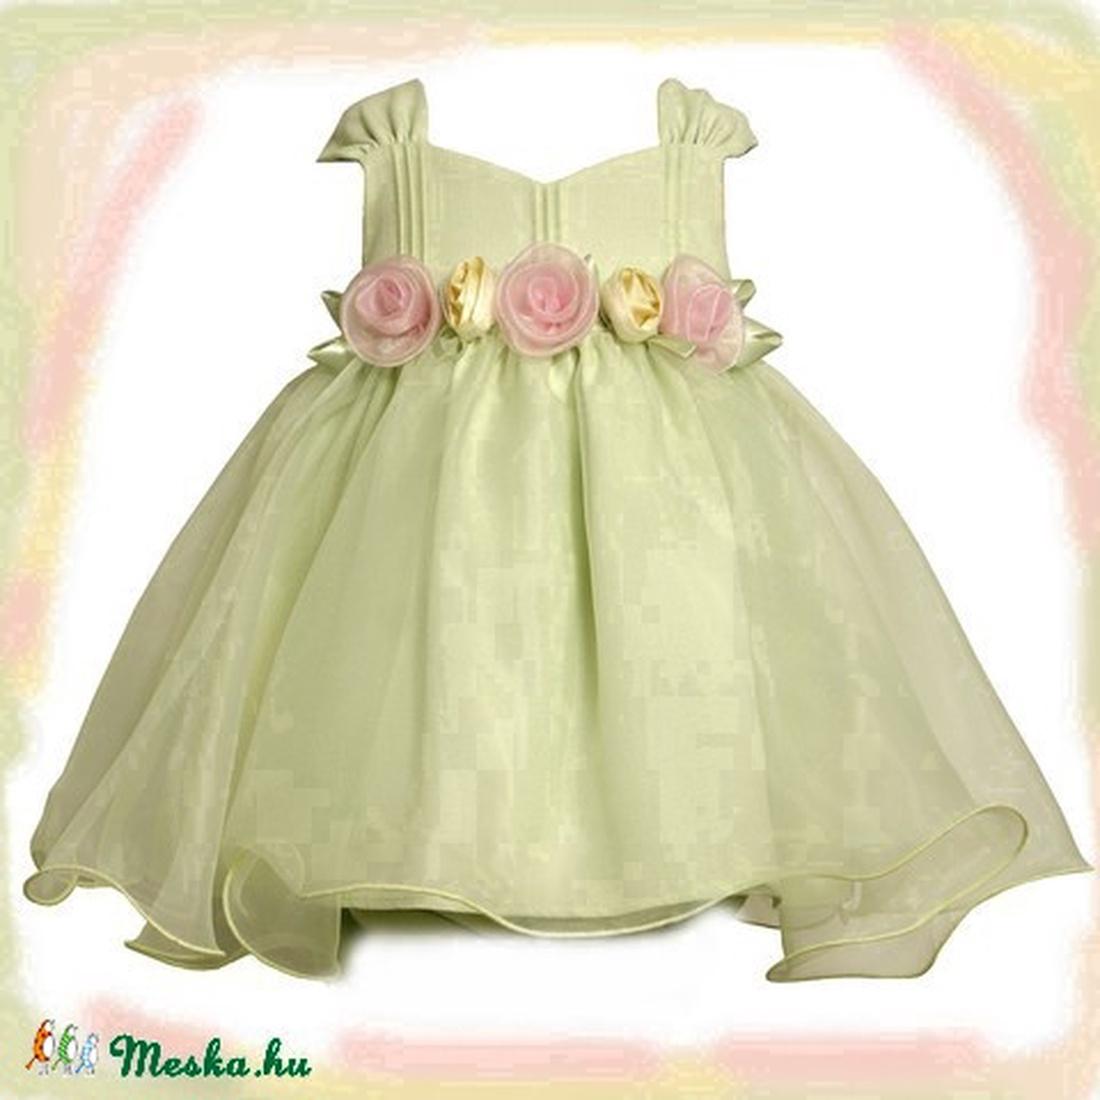 Rózsás alkalmi lányka ruha (peteryeva) - Meska.hu cb2ea034e0